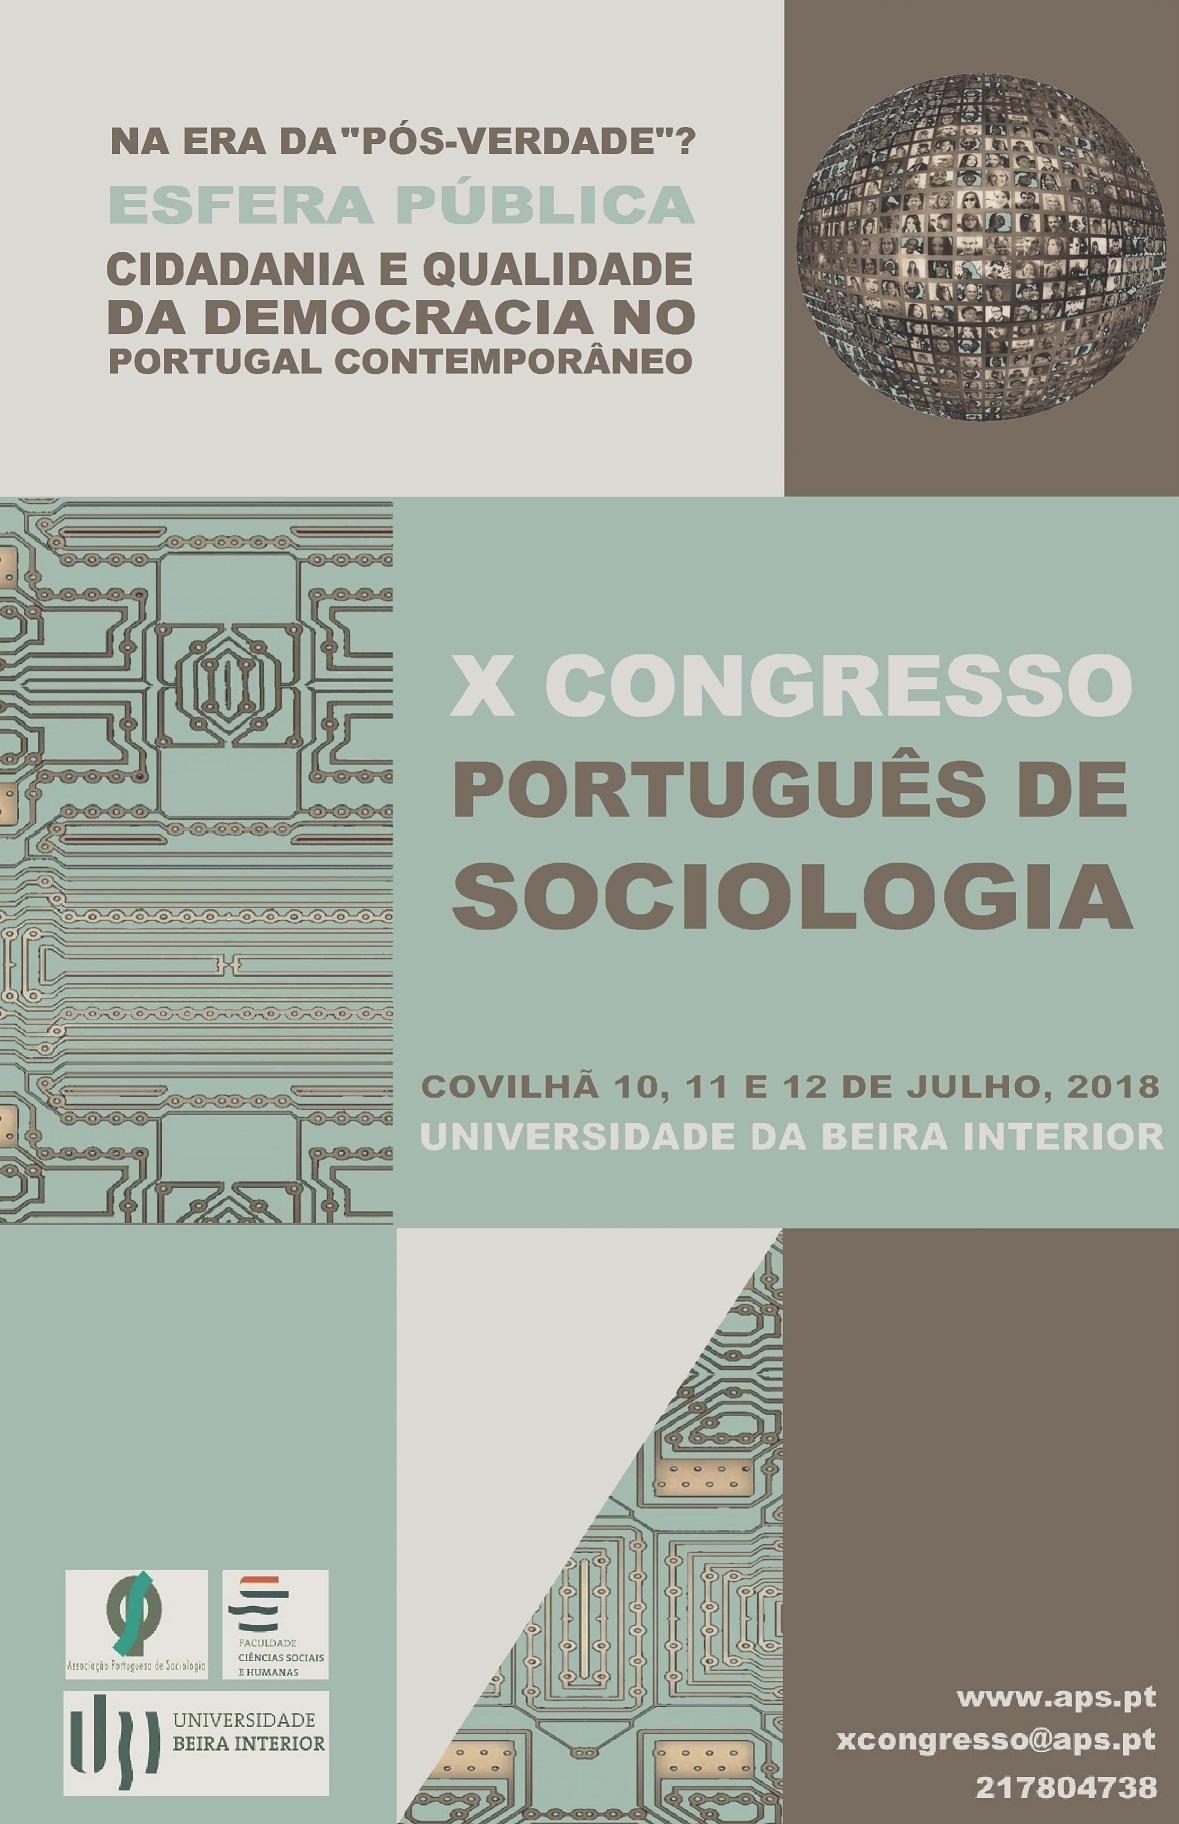 X Congresso Português de Sociologia